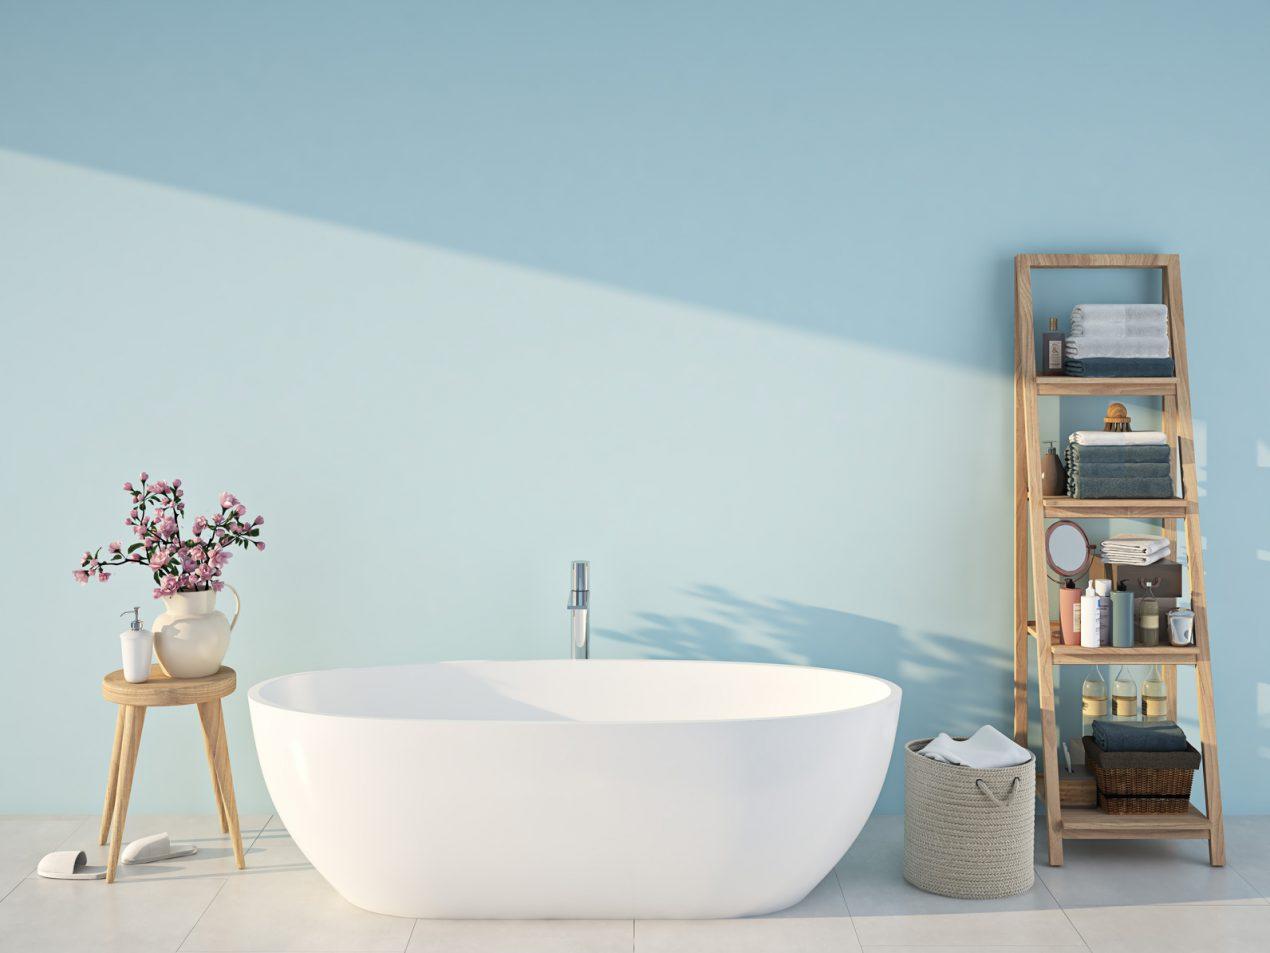 quel chauffage soufflant pour salle de bain choisir le blog de mon magasin g n ral. Black Bedroom Furniture Sets. Home Design Ideas